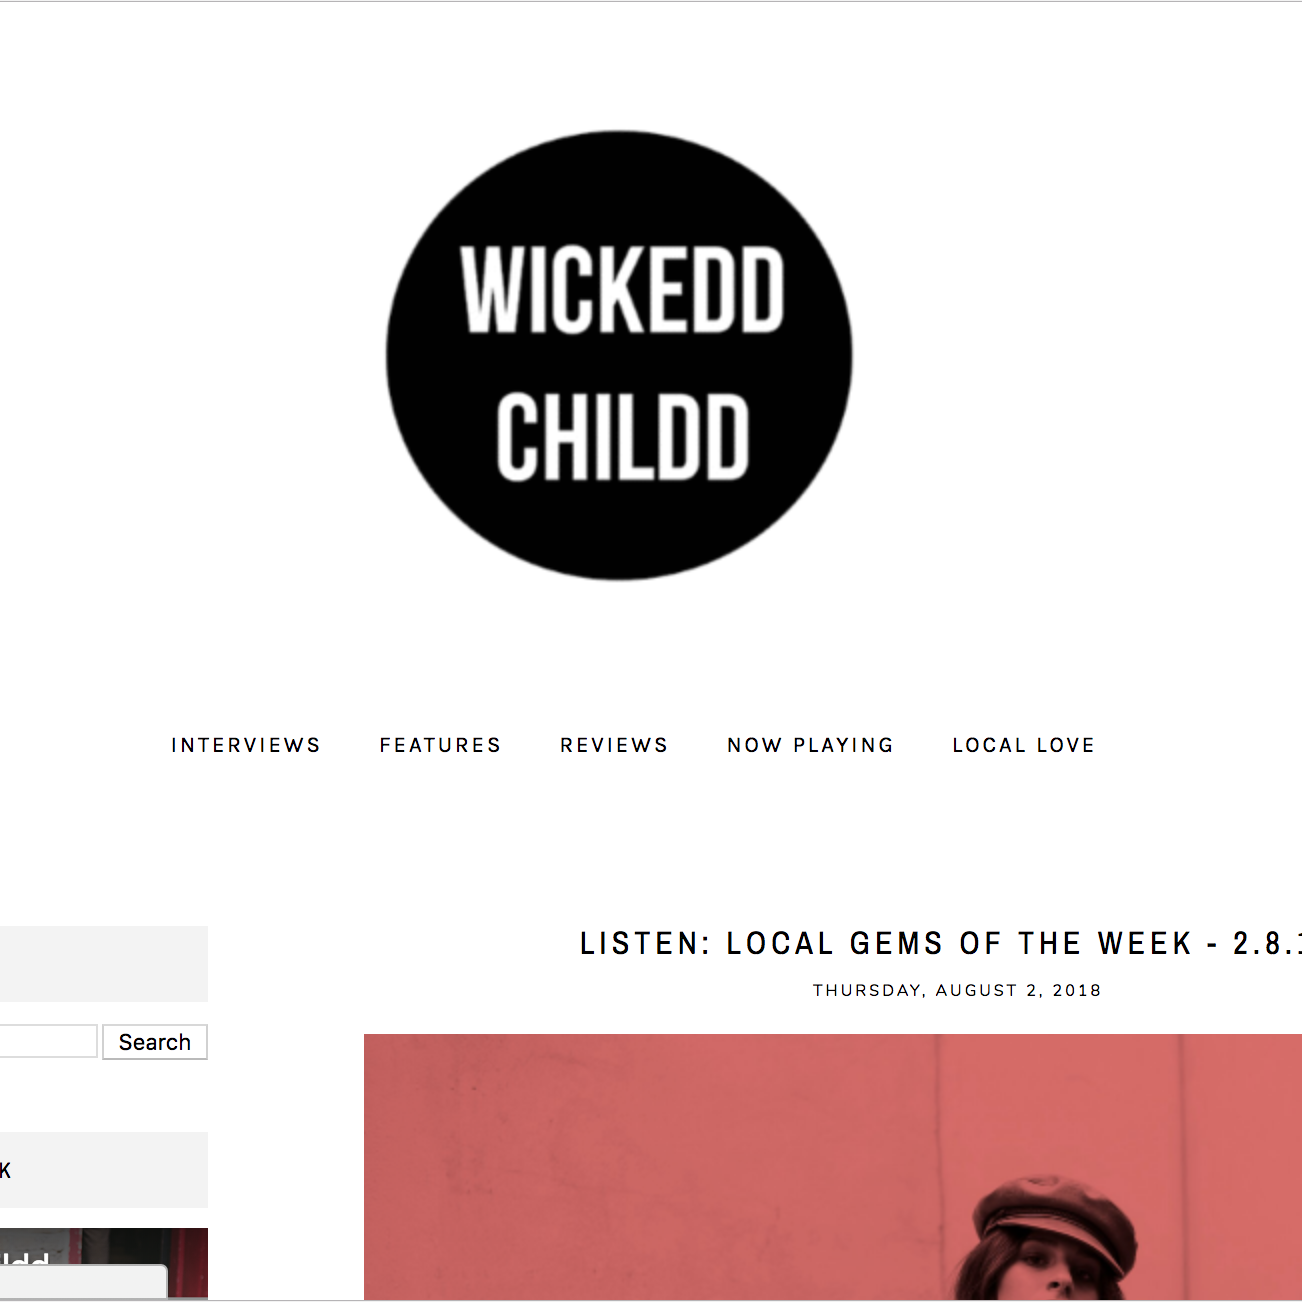 Wickedd Childd - August 2nd 2018